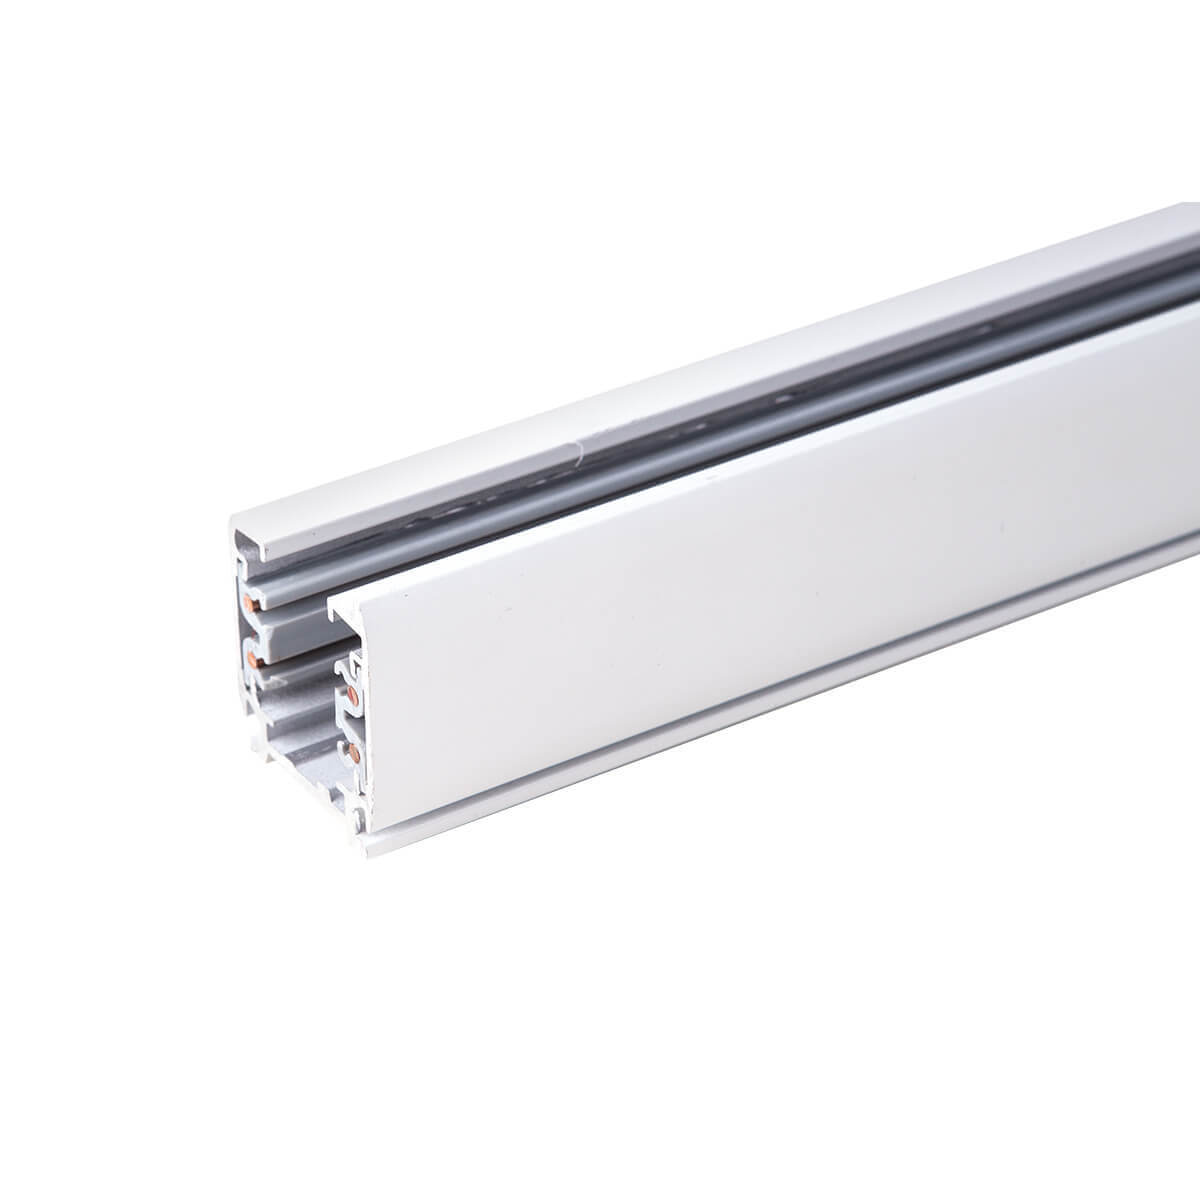 Шинопровод Elektrostandard 4690389112645 TRL-1-3 шинопровод elektrostandard 4690389134302 trl 1 1